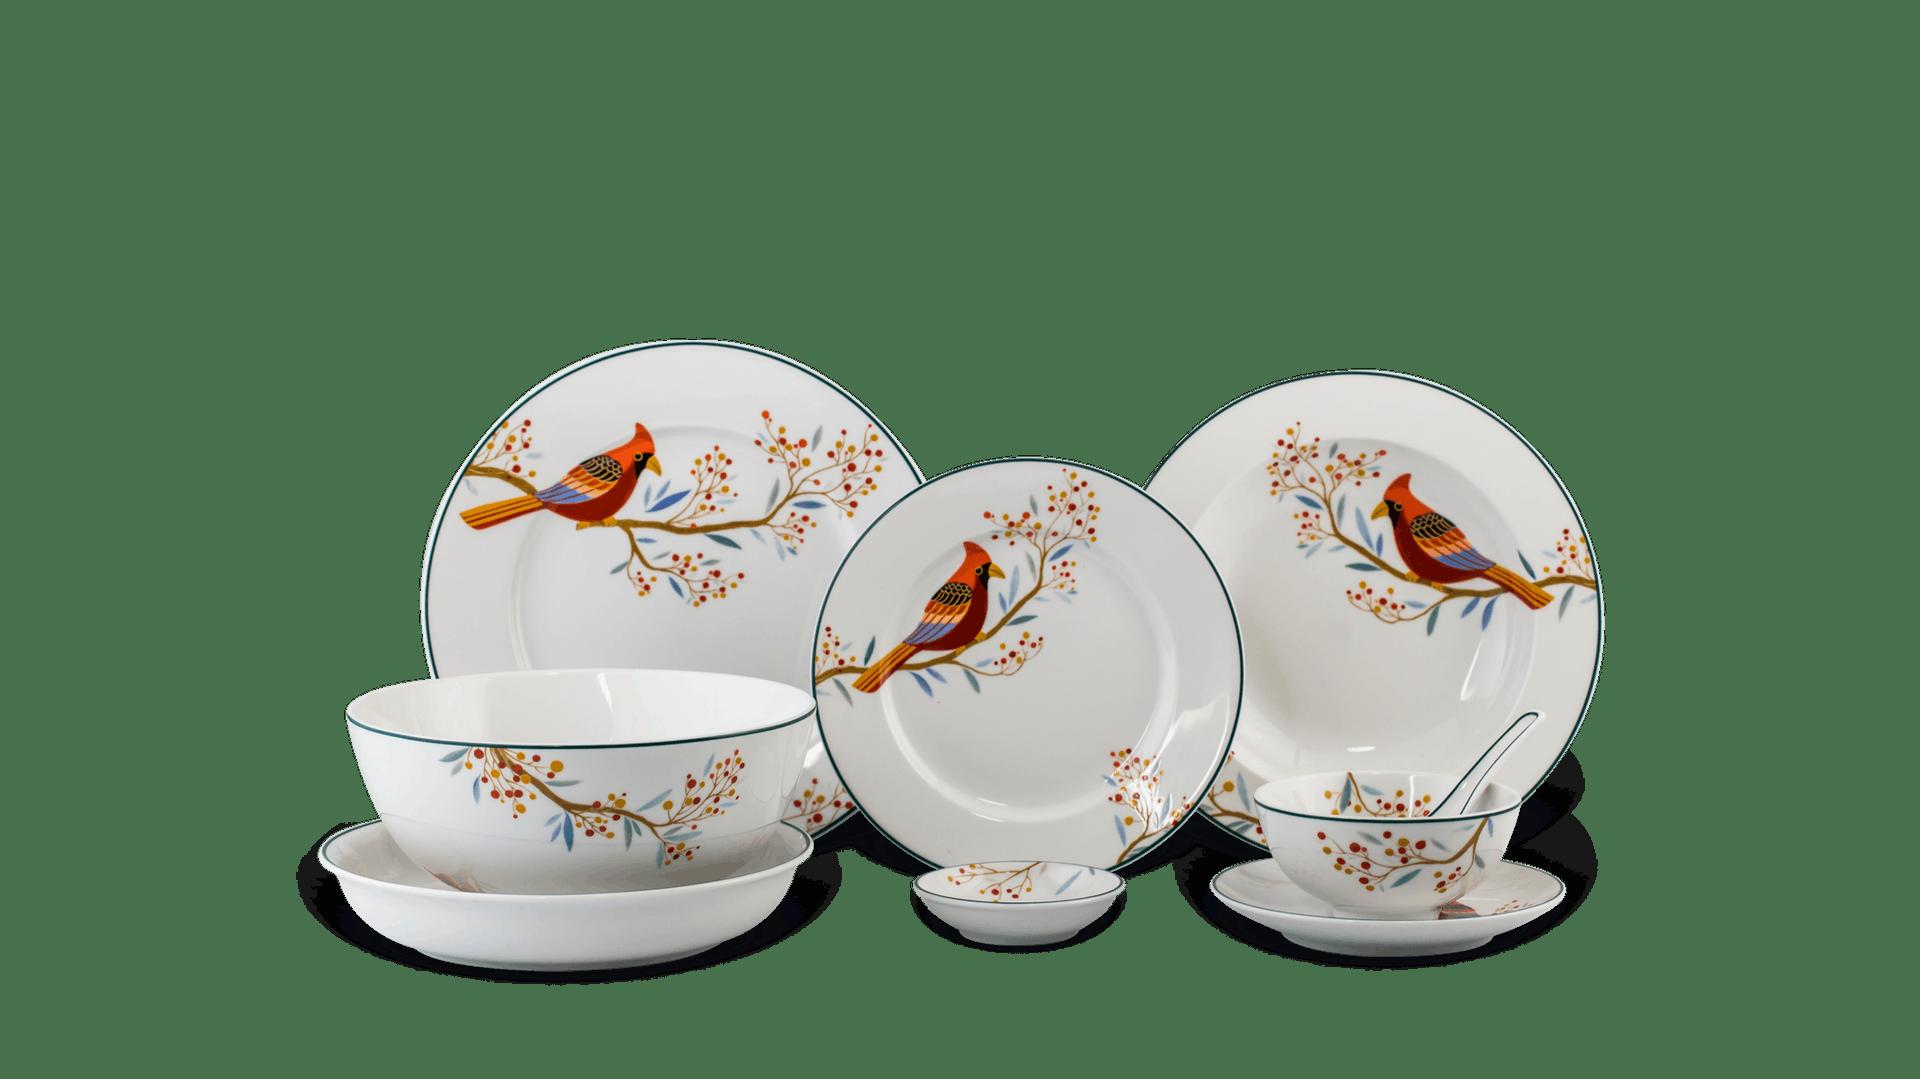 bộ bàn ăn 6 người 23 món Jasmine Quả đầu mùa gốm sứ cao cấp Minh Long I